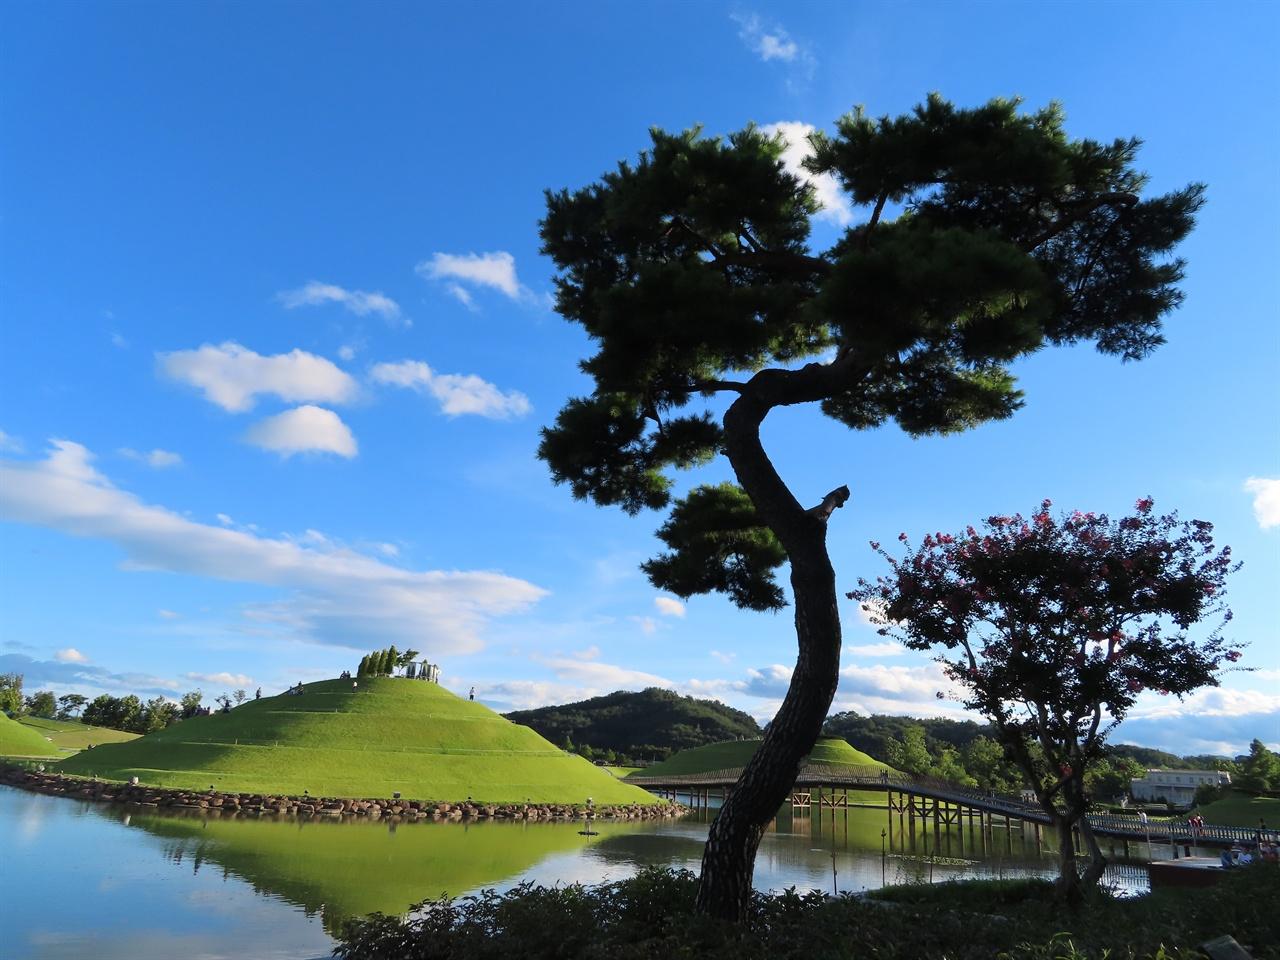 """S자 소나무 수령이 50년 정도 된, 국가정원에서 사는 """"S자 소나무""""는 순천만의 S자를 닮은 자태를 갖고 있다."""